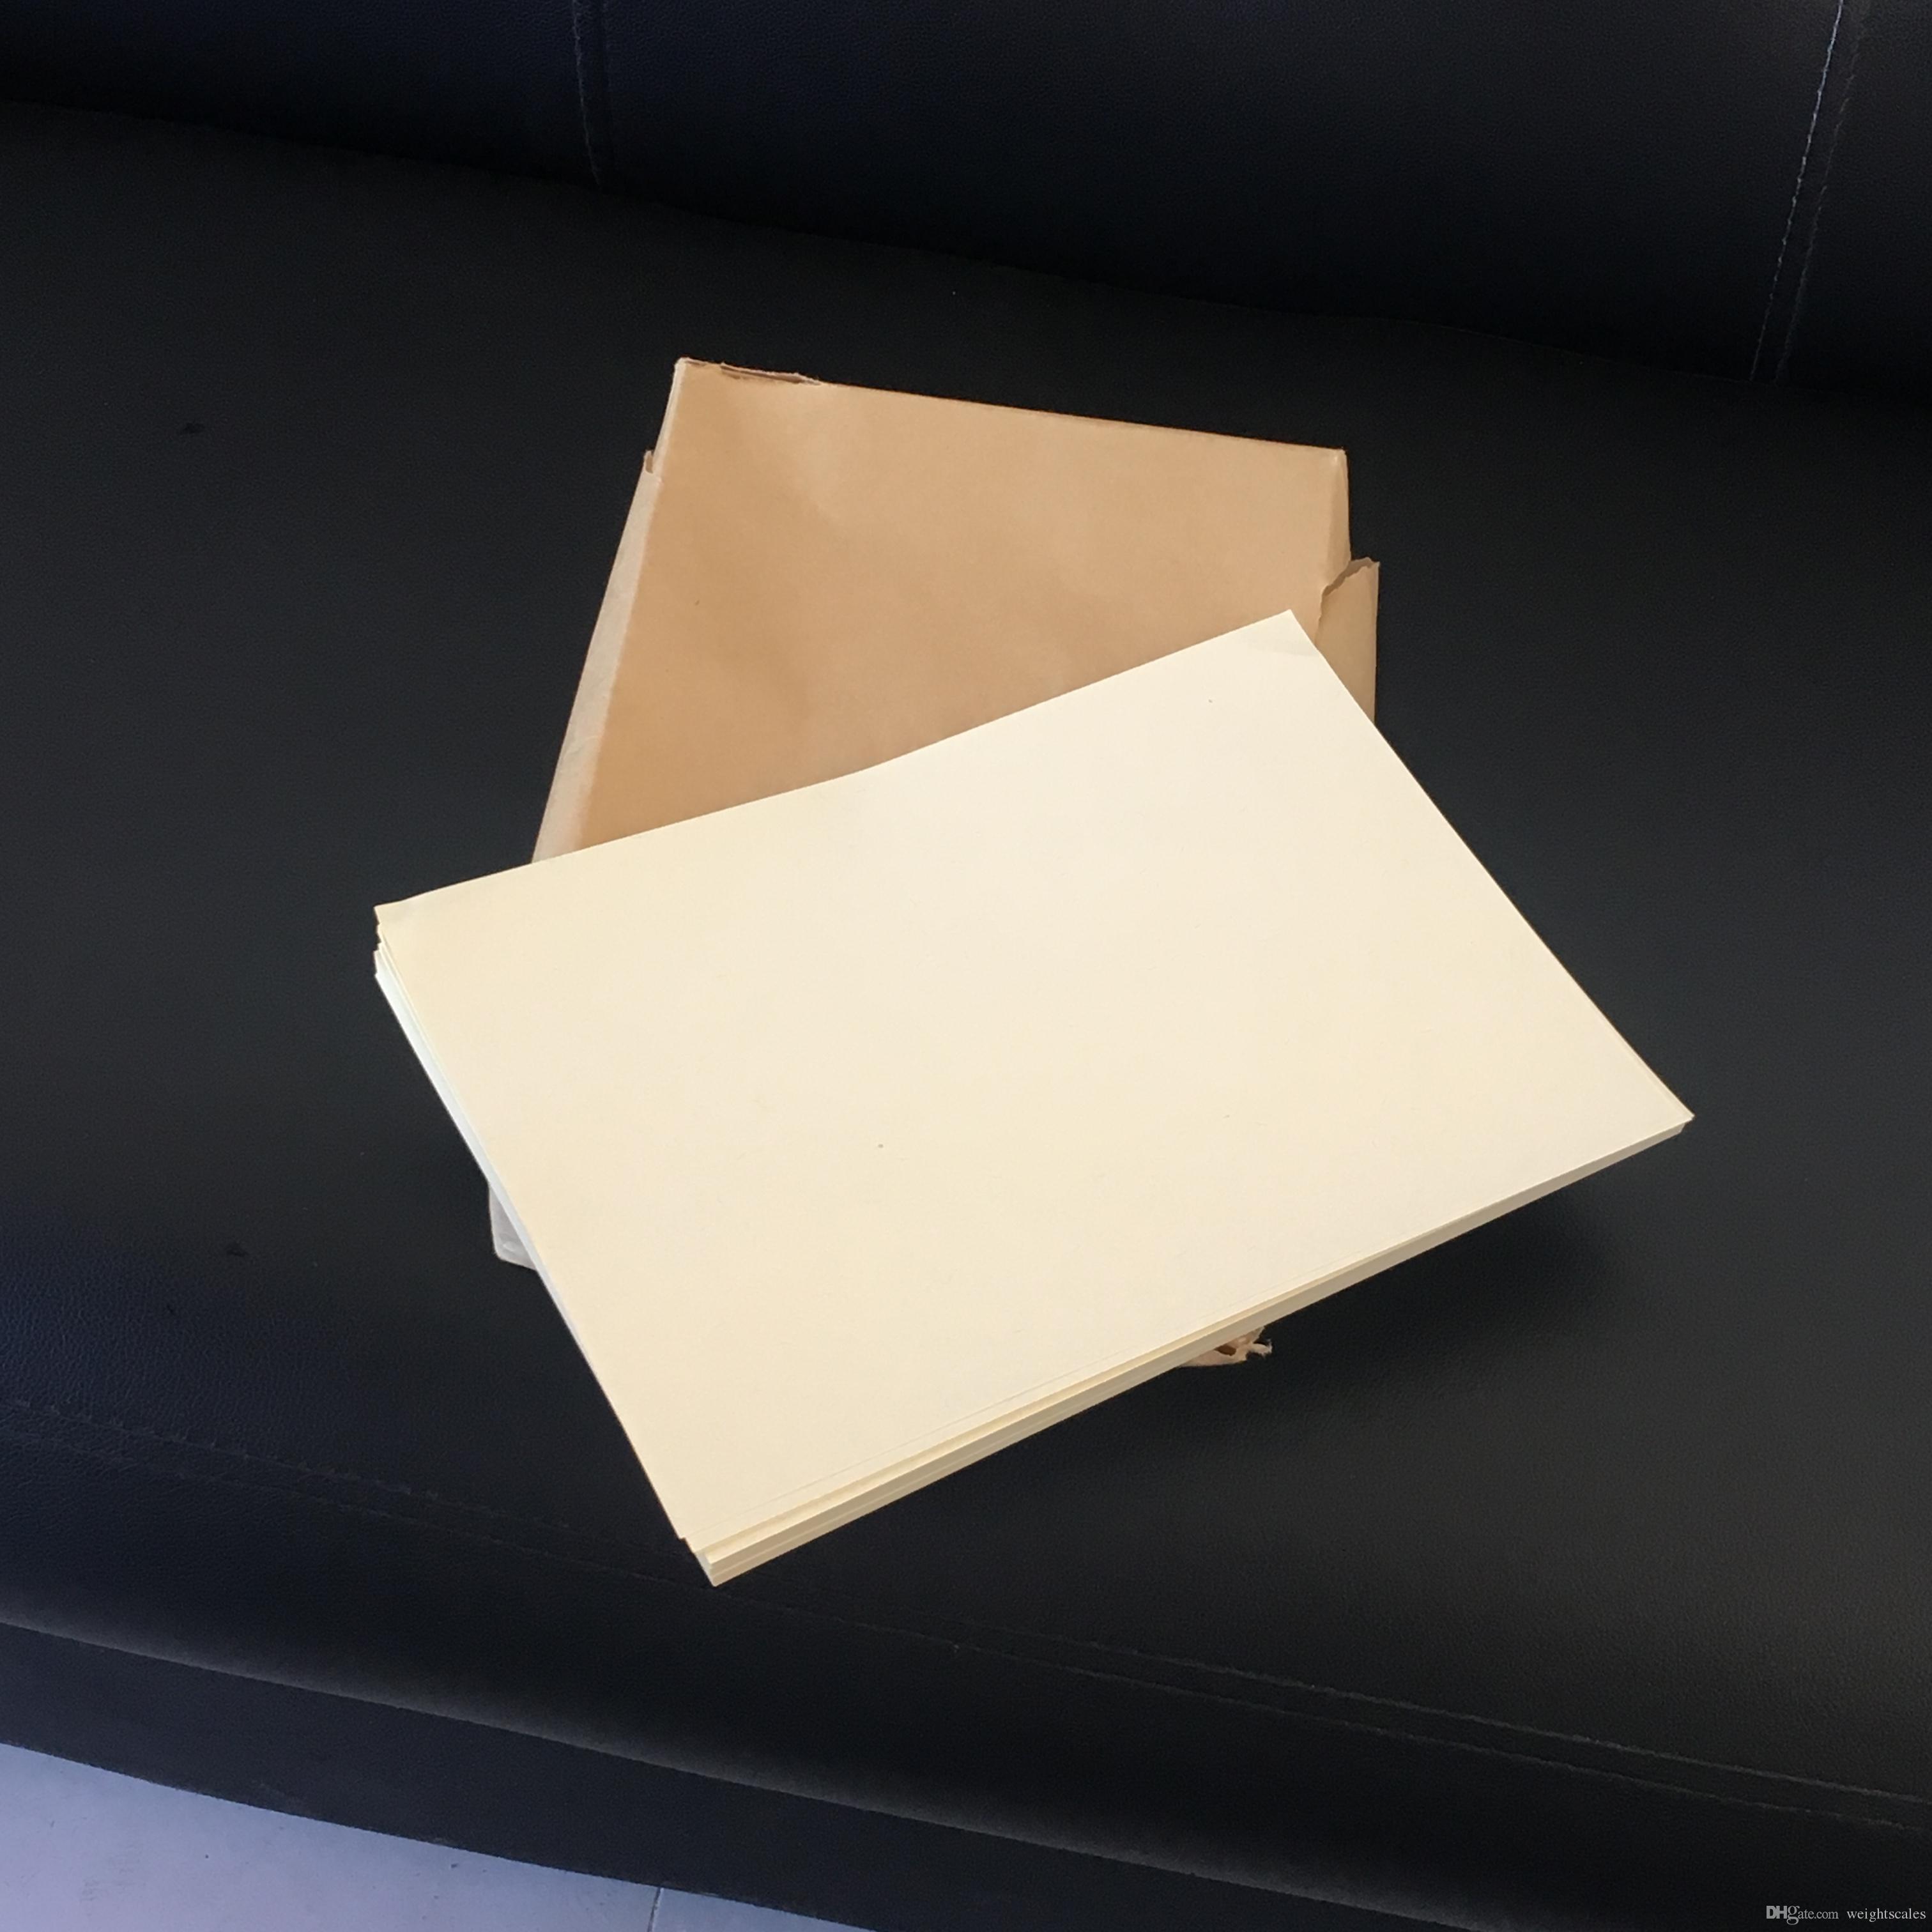 hojas de papel bond 75% algodón 25% lino pase papel de prueba de bolígrafo falsificado Color beige papel 8.5IN * 11IN